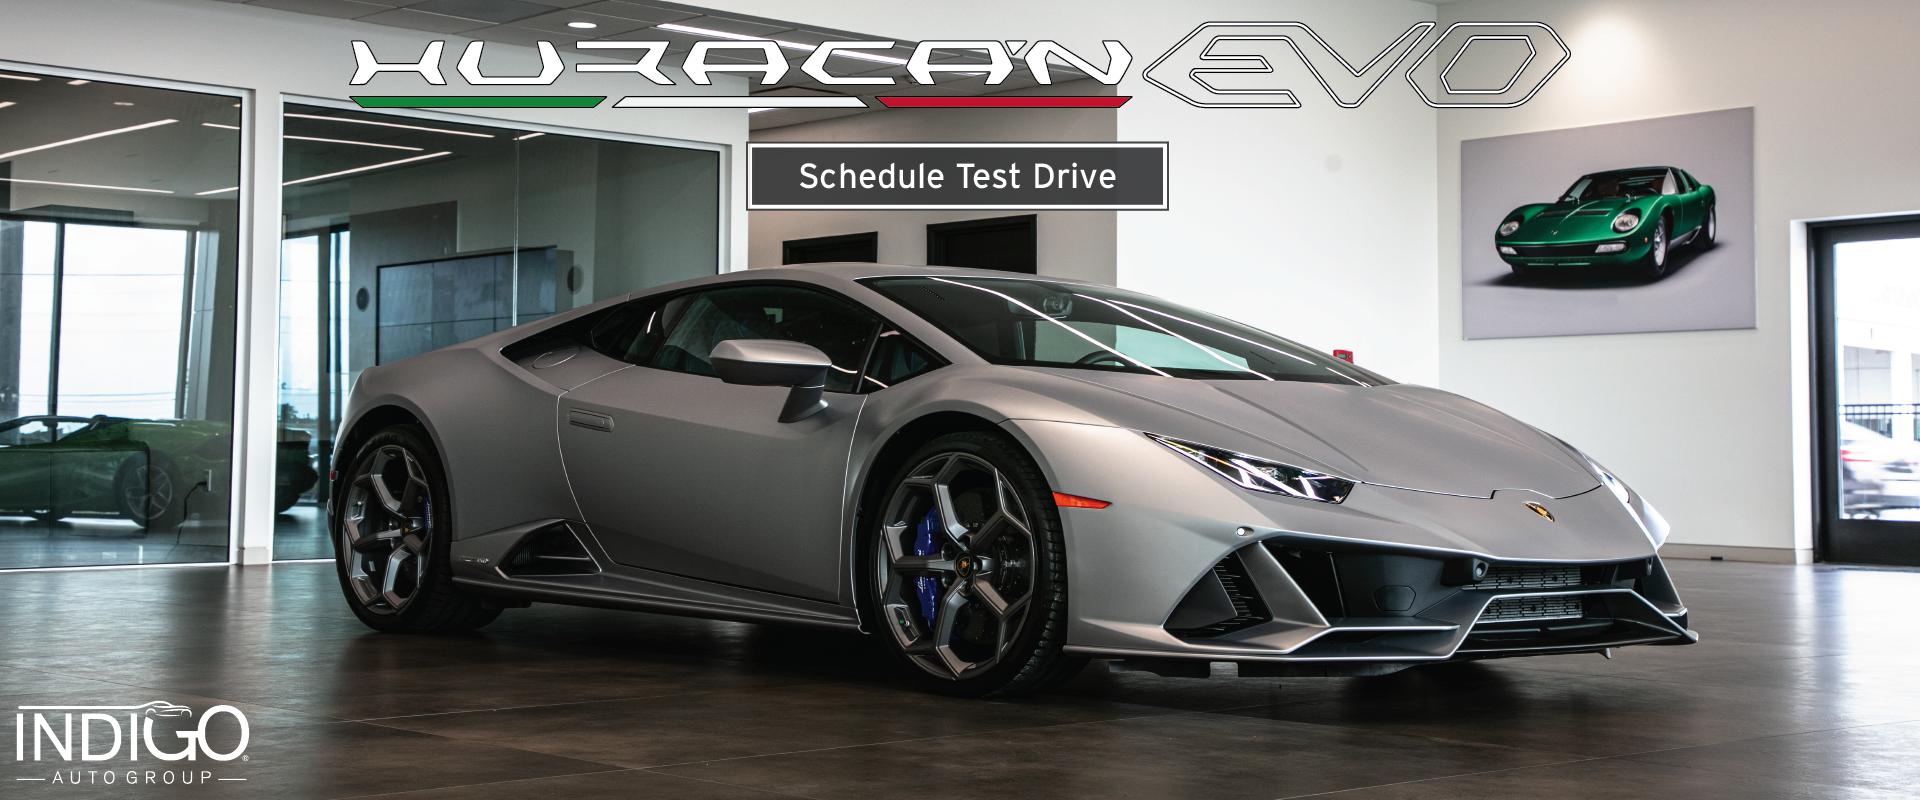 Supercar Dealership Near Me >> New Pre Owned Lamborghini Cars Lamborghini Houston